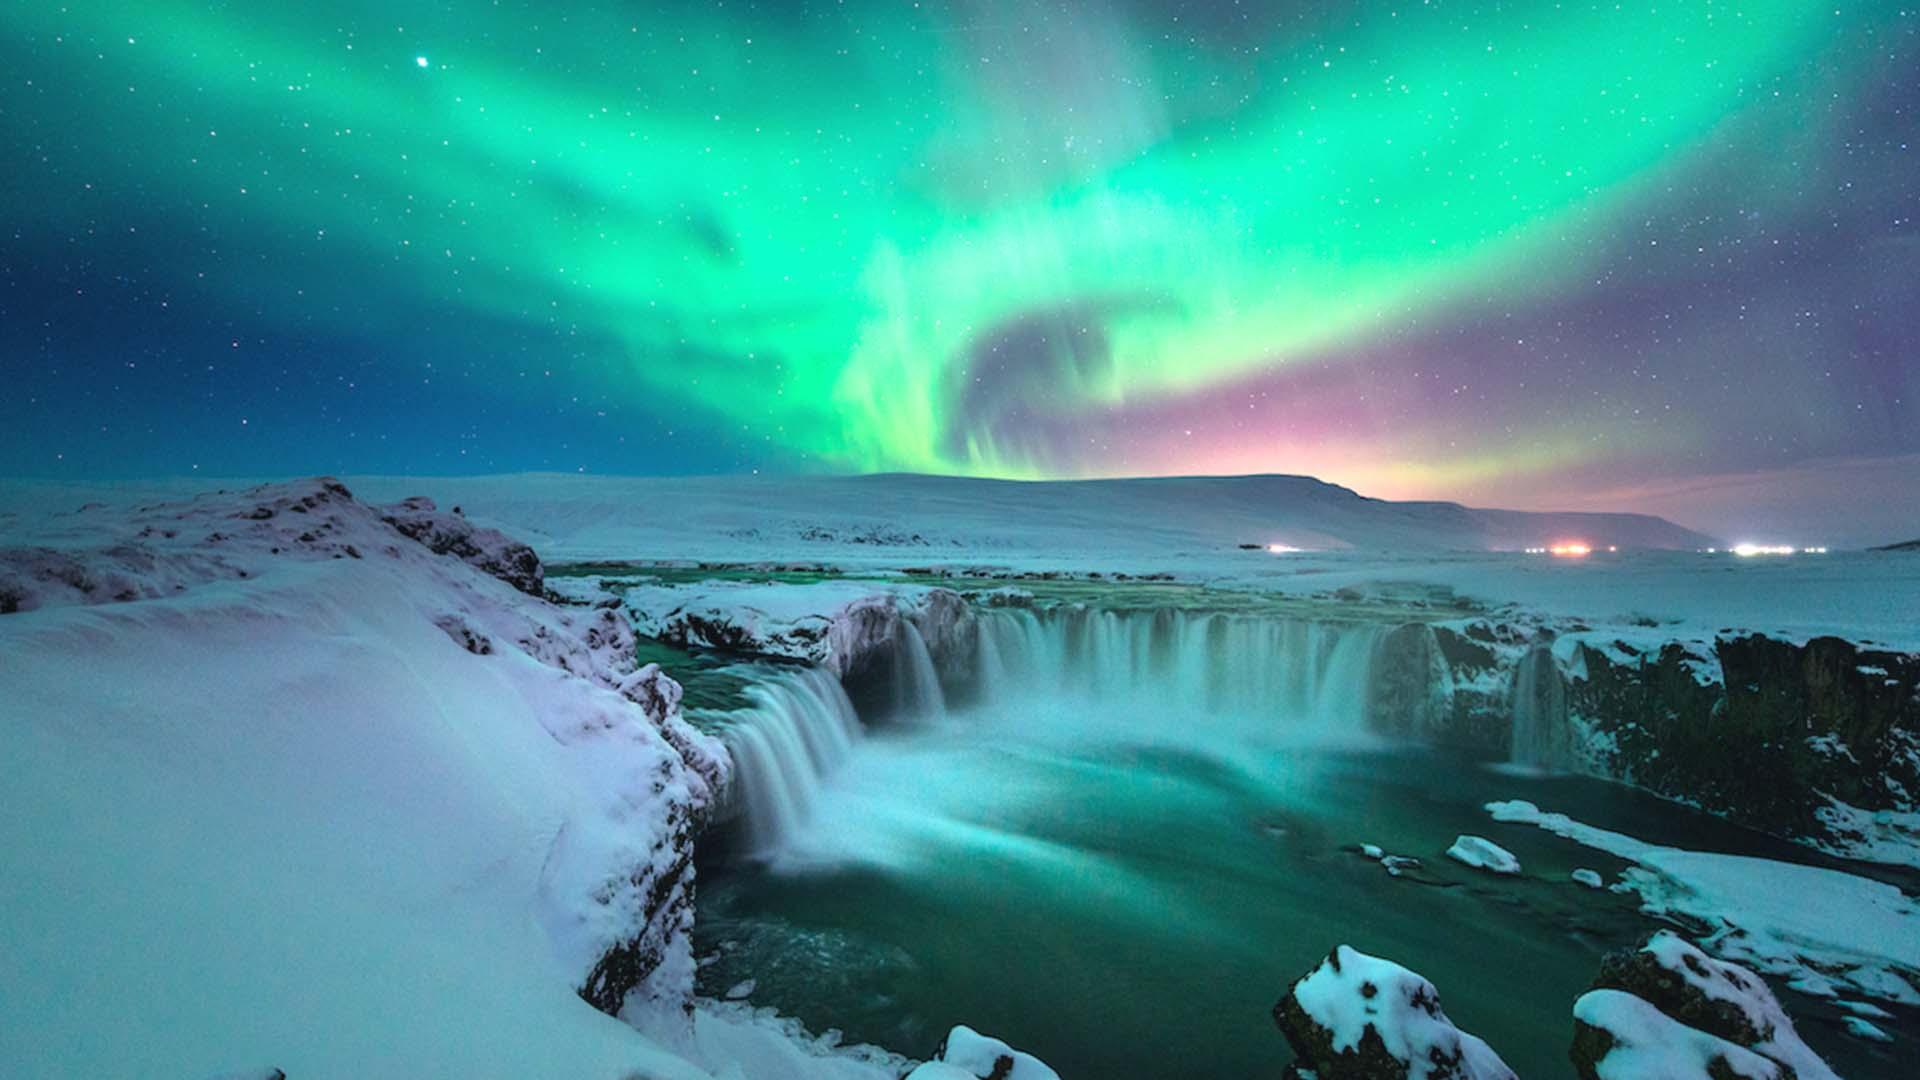 I problemi in Islanda dimostrano che abbiamo bisogno di una nuova etica del turismo